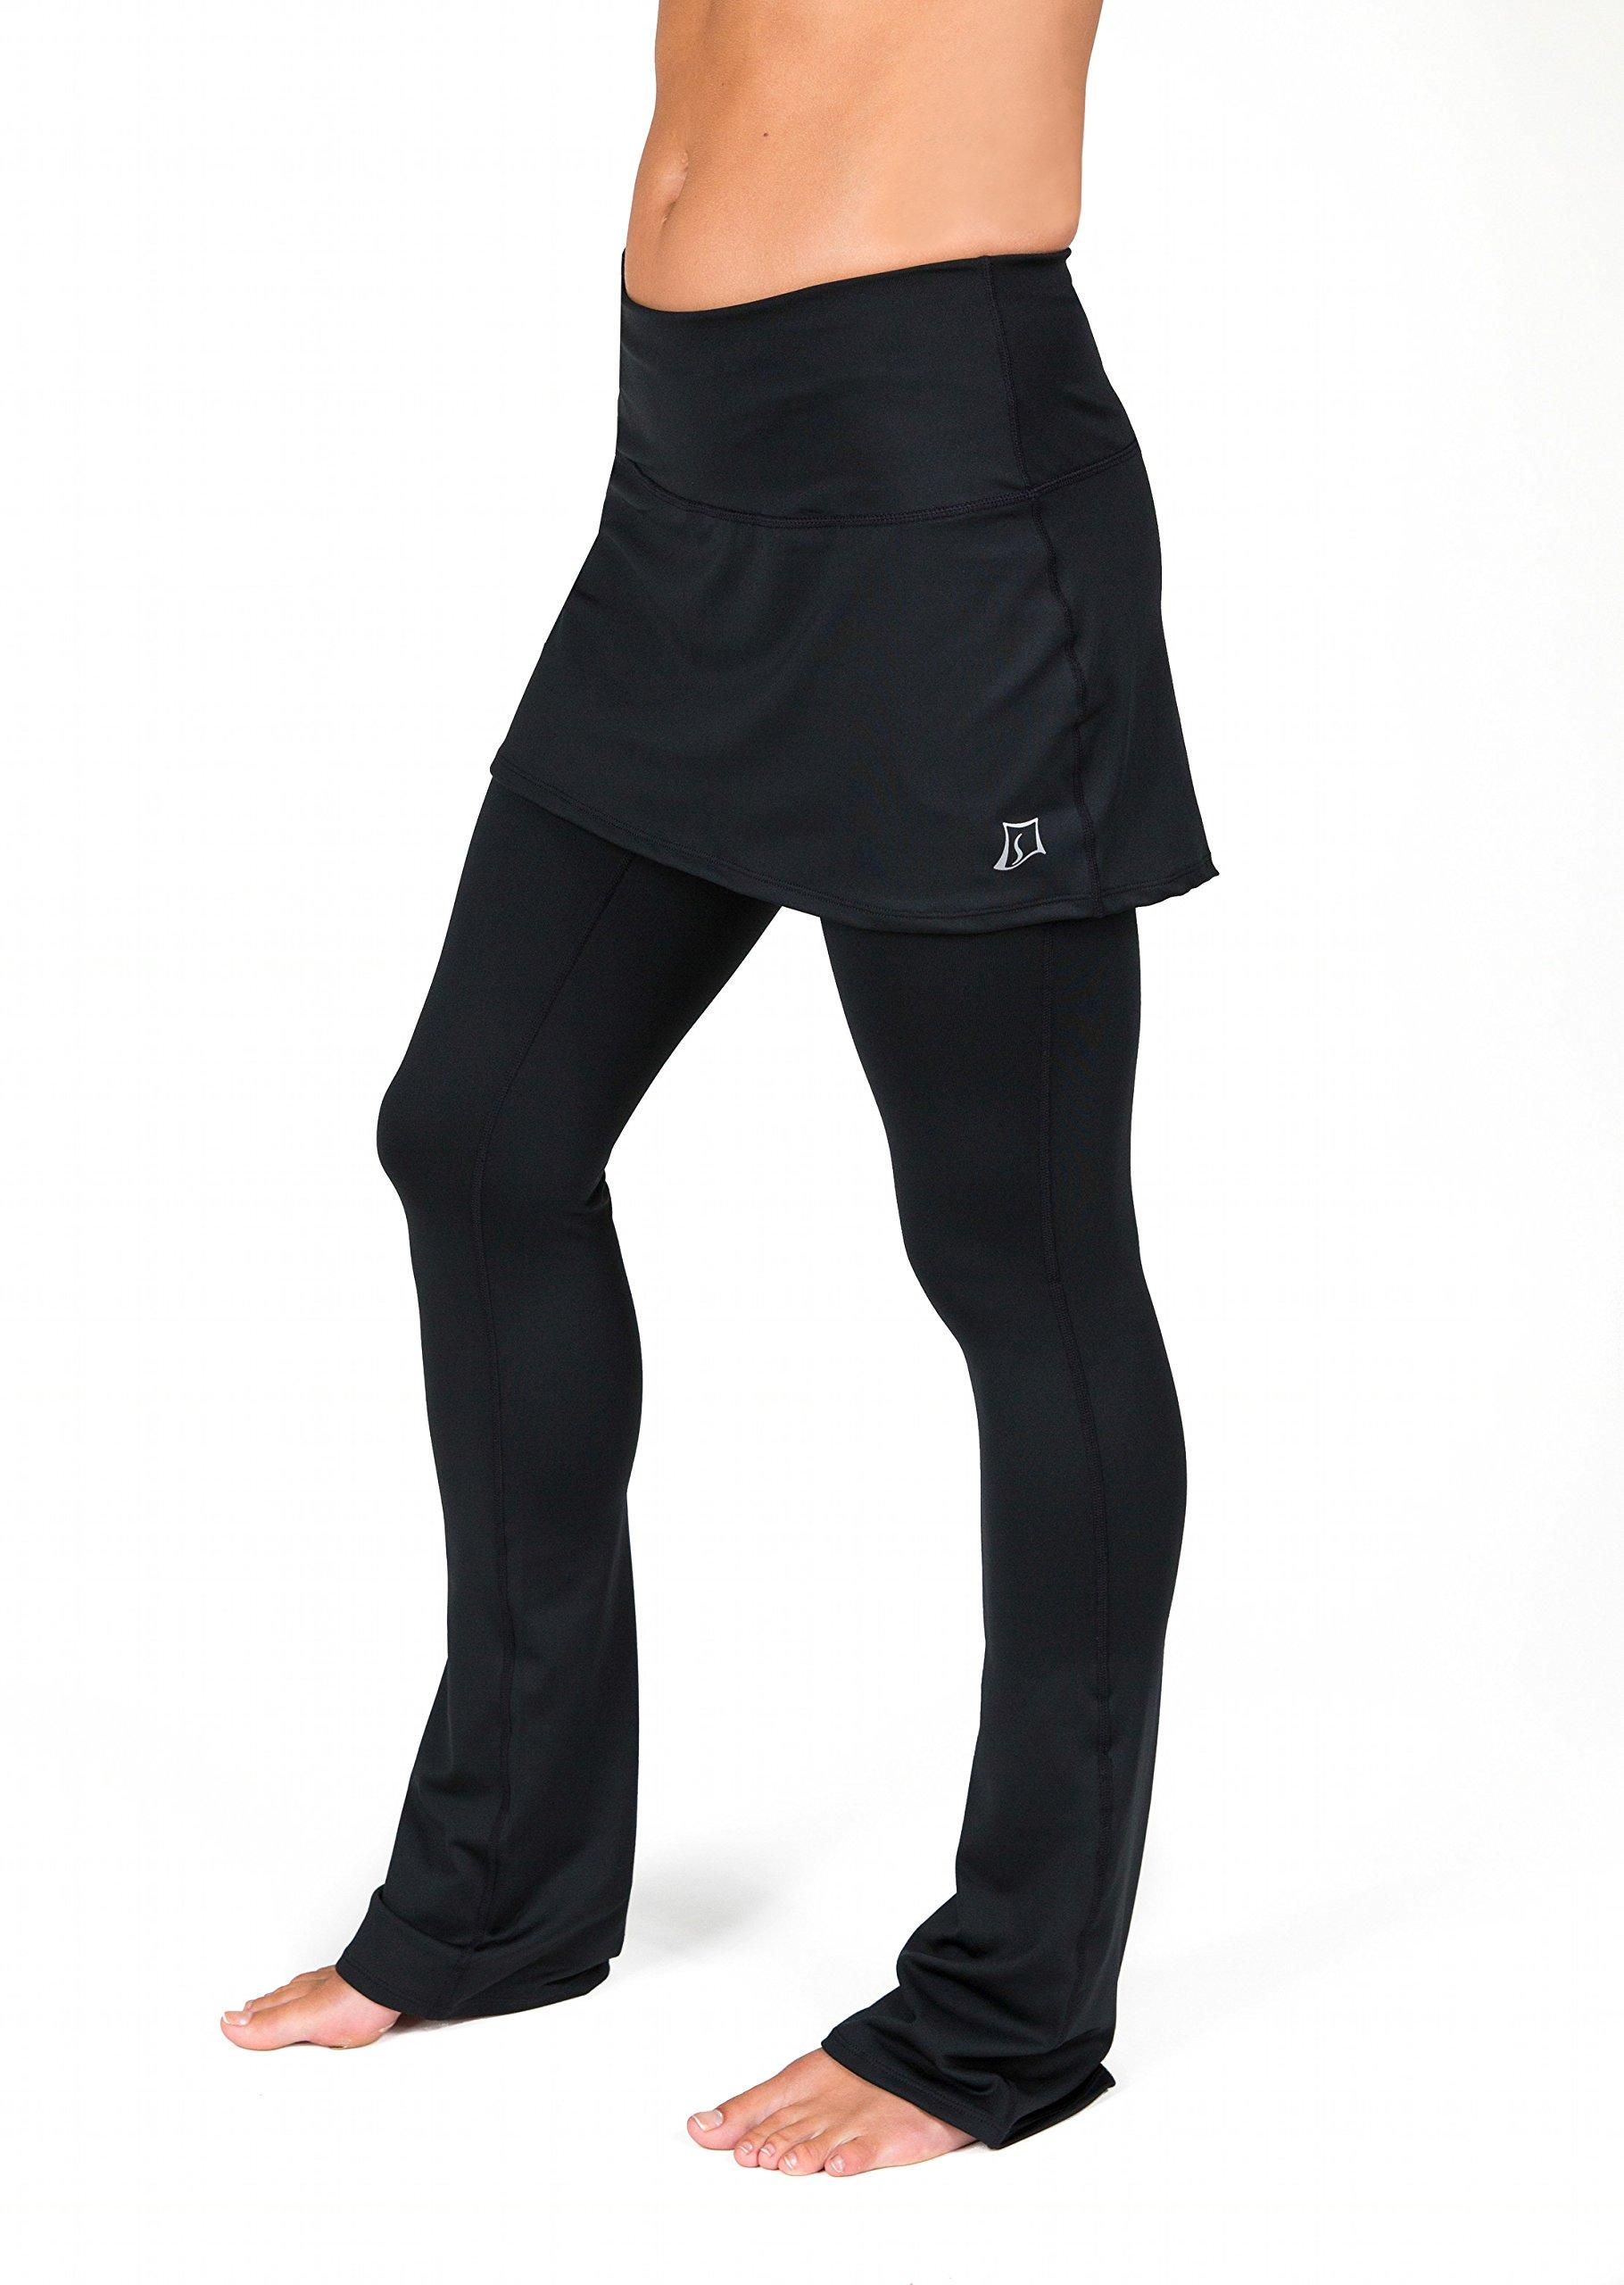 Skirt Sports Women's Tough Girl Skirt by Skirt Sports (Image #1)